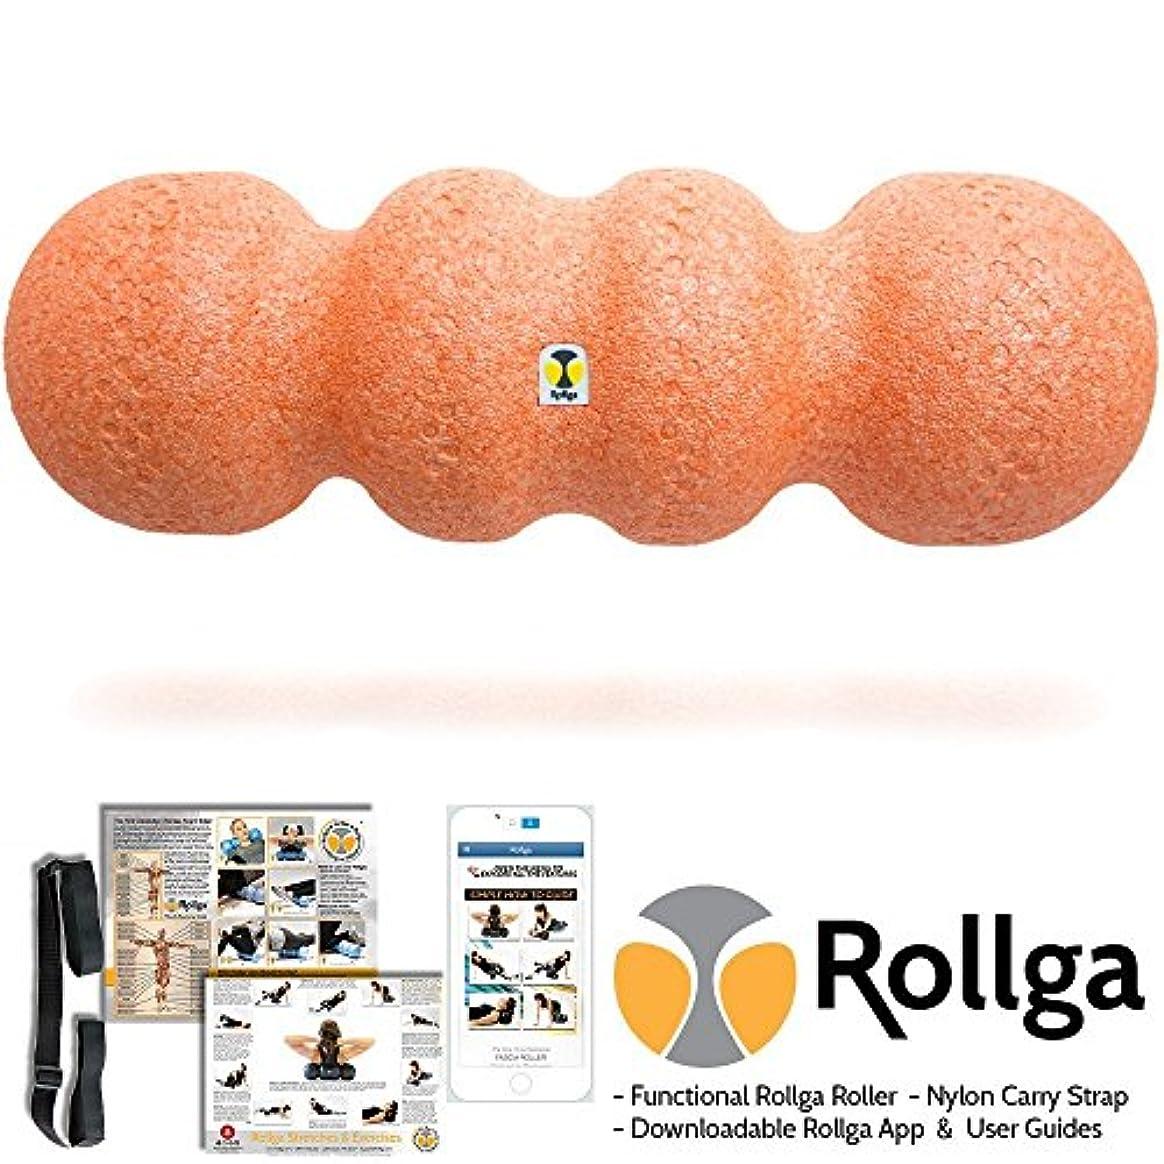 瀬戸際同僚メダリストRollga Sunrise 46cm Orange Foam Roller High Density Trigger Point Roller and Self Body Massager Muscle Pain Back...